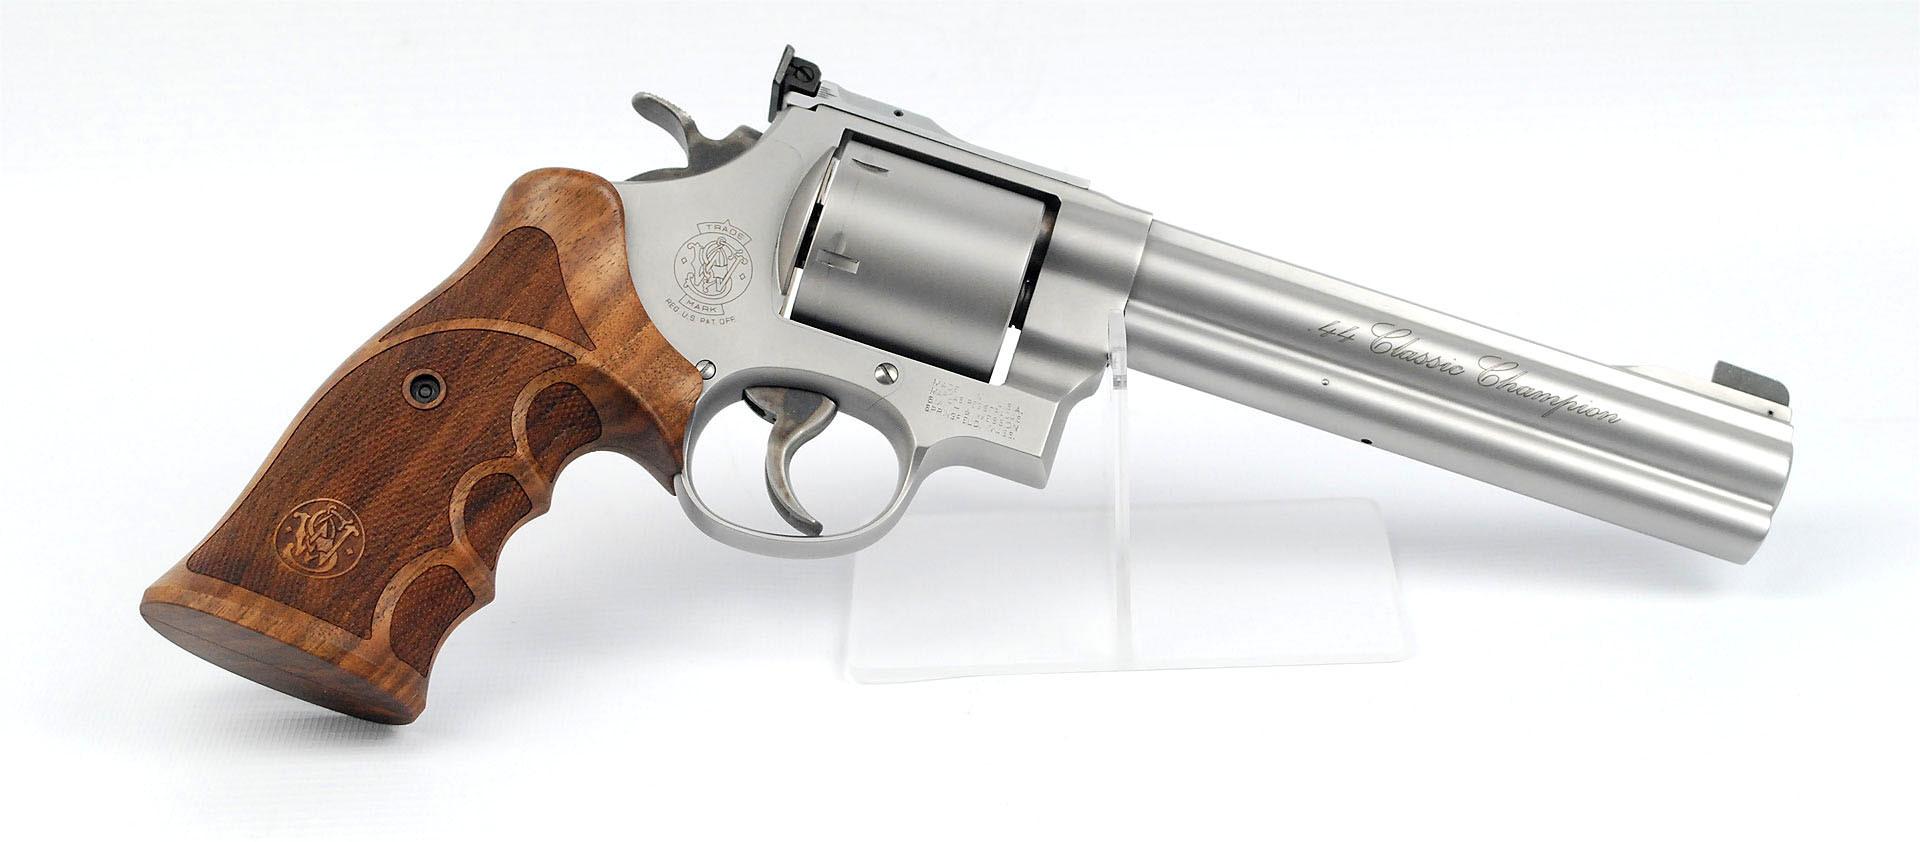 Revolver S&W Mod. 629 Classic Champion STL matt 6,5 Zoll .44 Mag. Waffenstube Thalkirchen München Bayern Deutschland